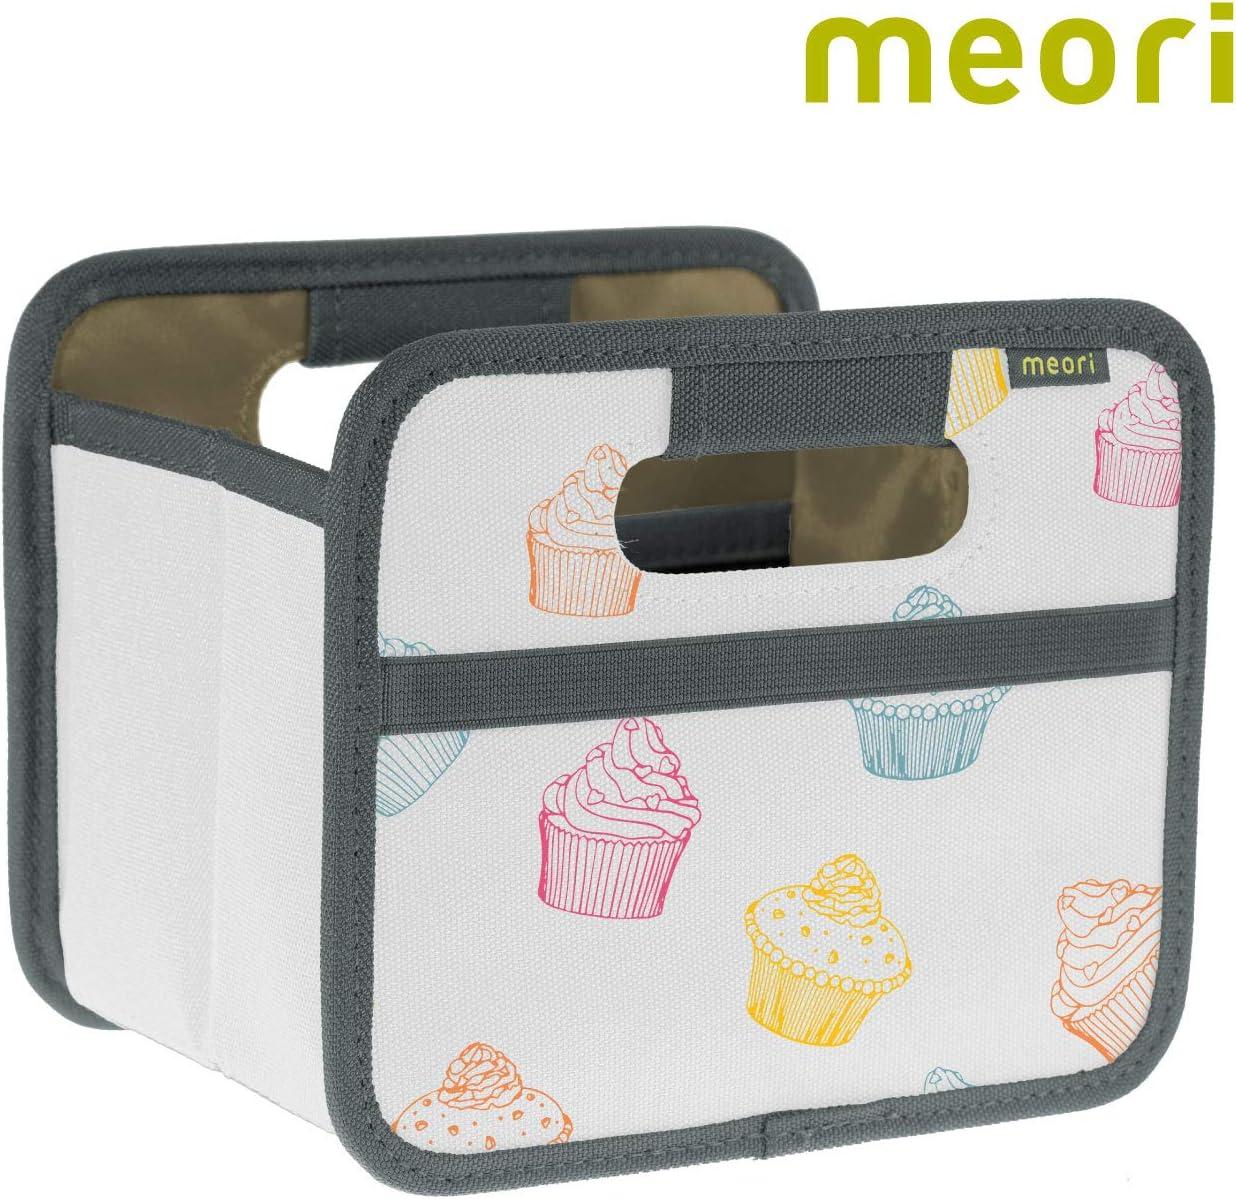 meori Faltbox Bunt/Cupcake 16,5x12,5x14cm abwischbar, Stabil, Polyester Schreibtisch Badezimmer Flur Staubox Stifte Accessoires Aufbewahren Foldable Mini Box 1 Pack Colorful, 1-Pack